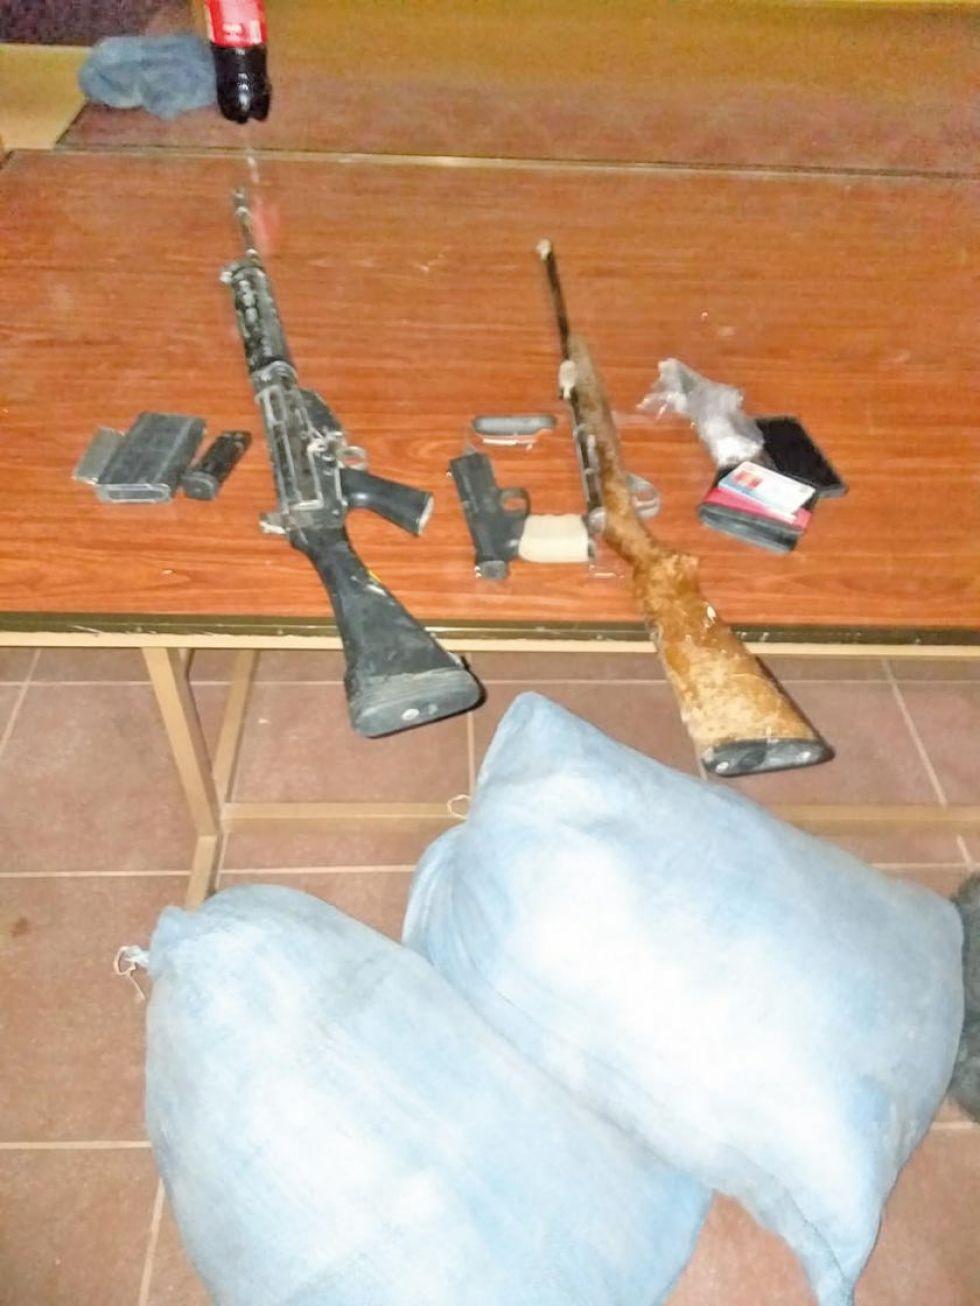 Encierran a un supuesto  militar por matar vicuñas